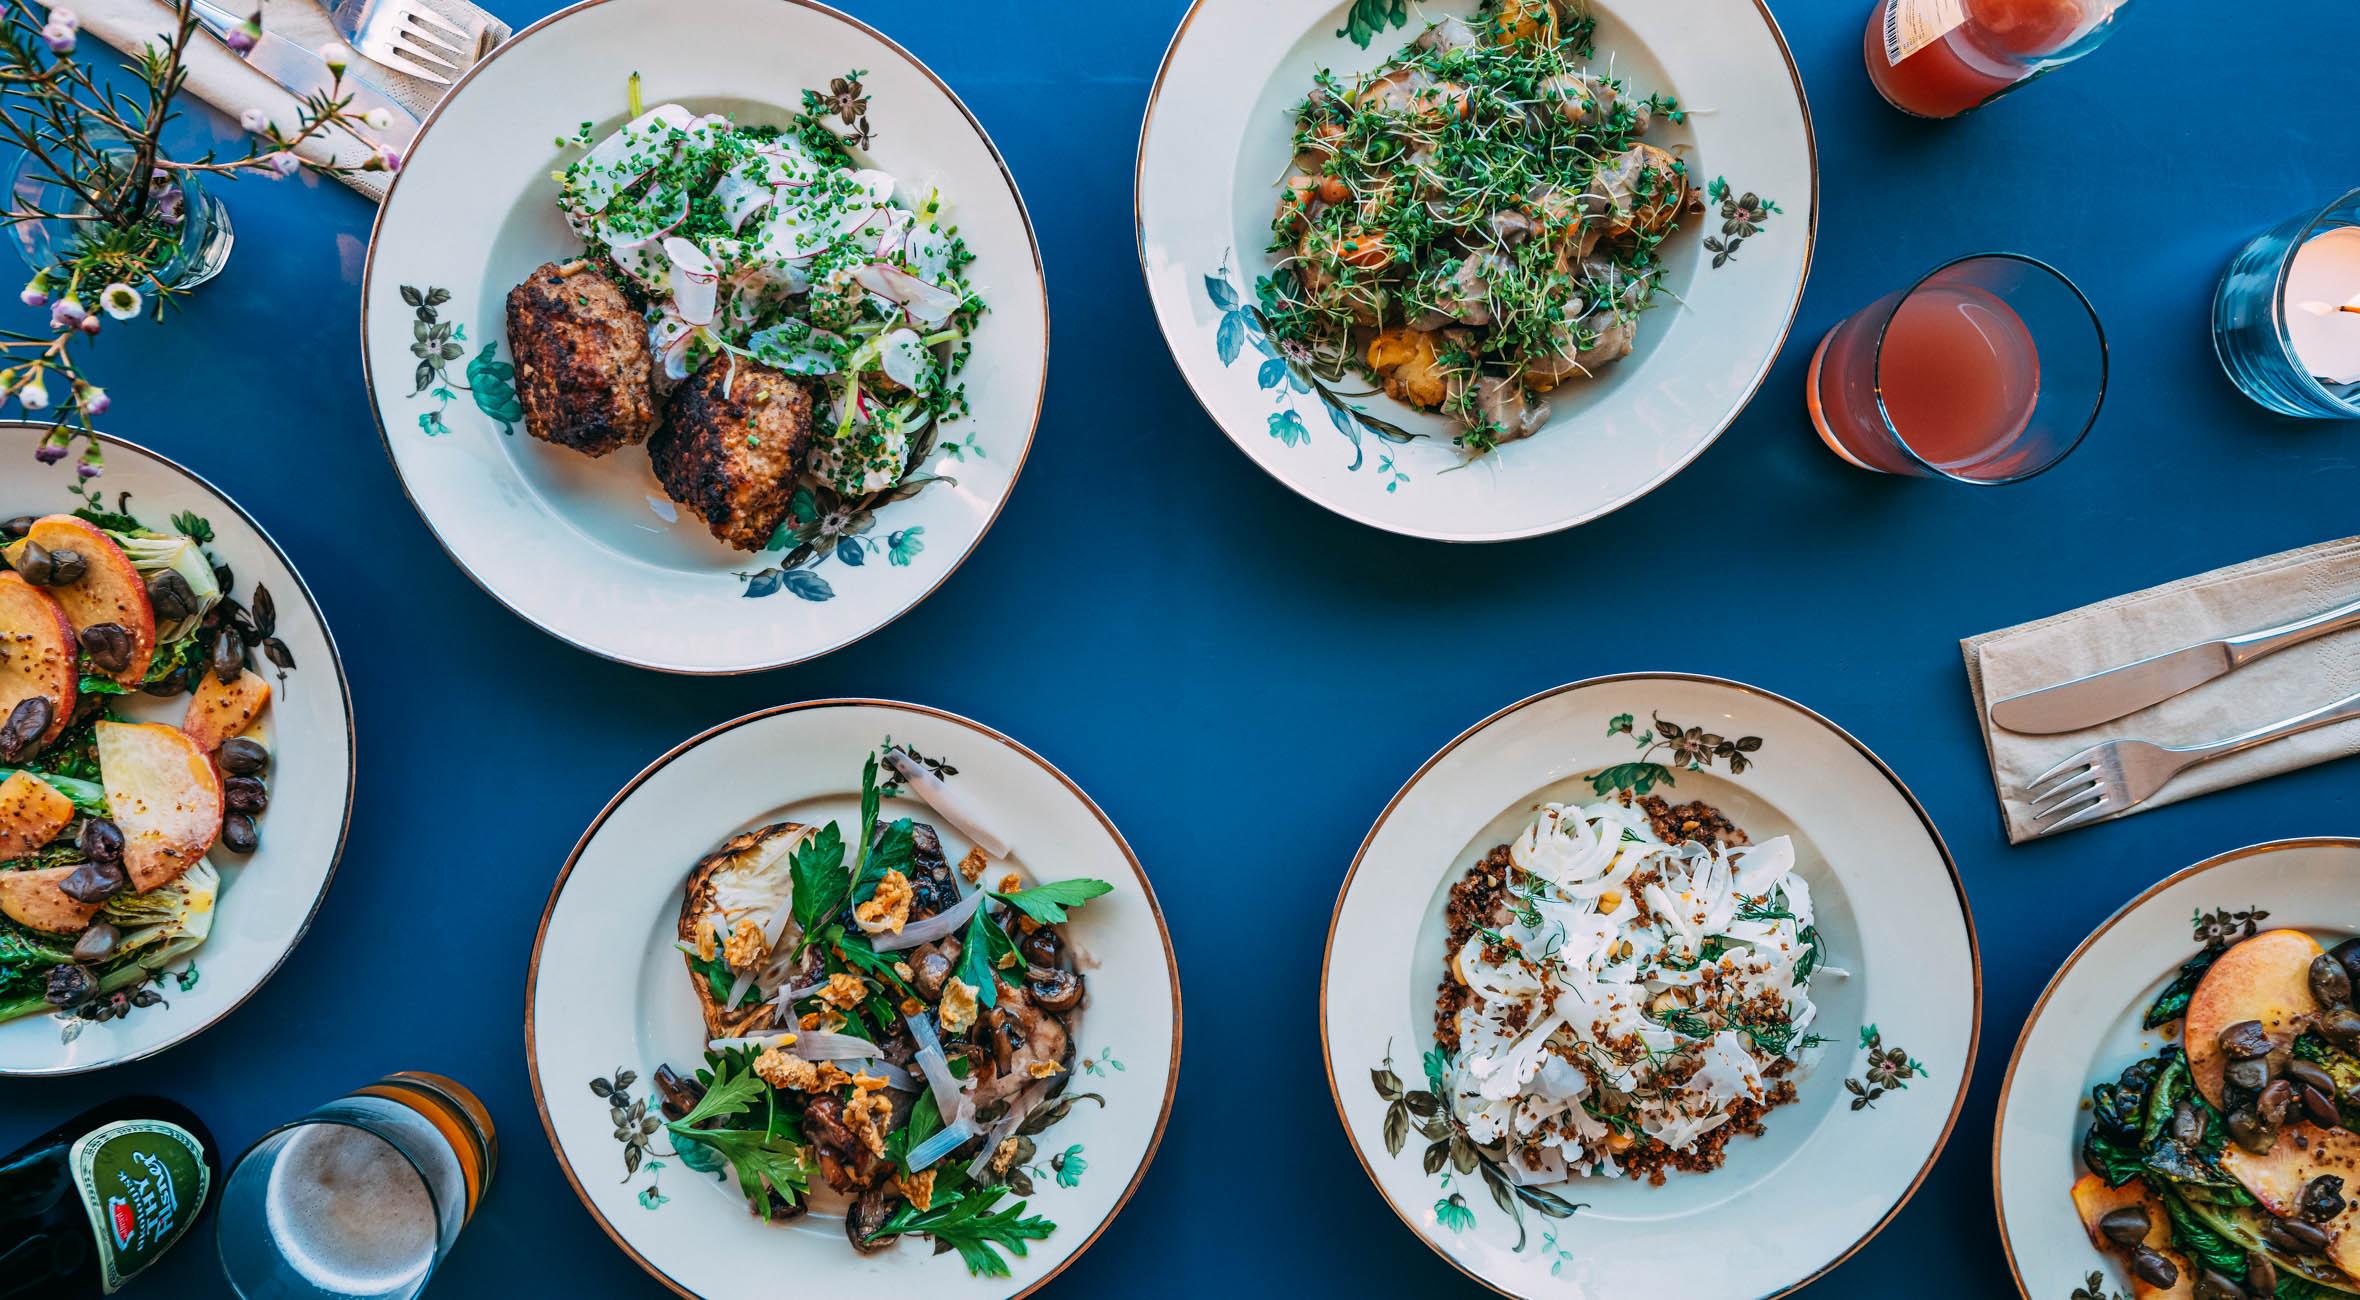 2 hovedretter + salat og 2 drikke hos Madro på Nørrebro – Ny spisebar & take away laver seriøst god hjemmelavet mad